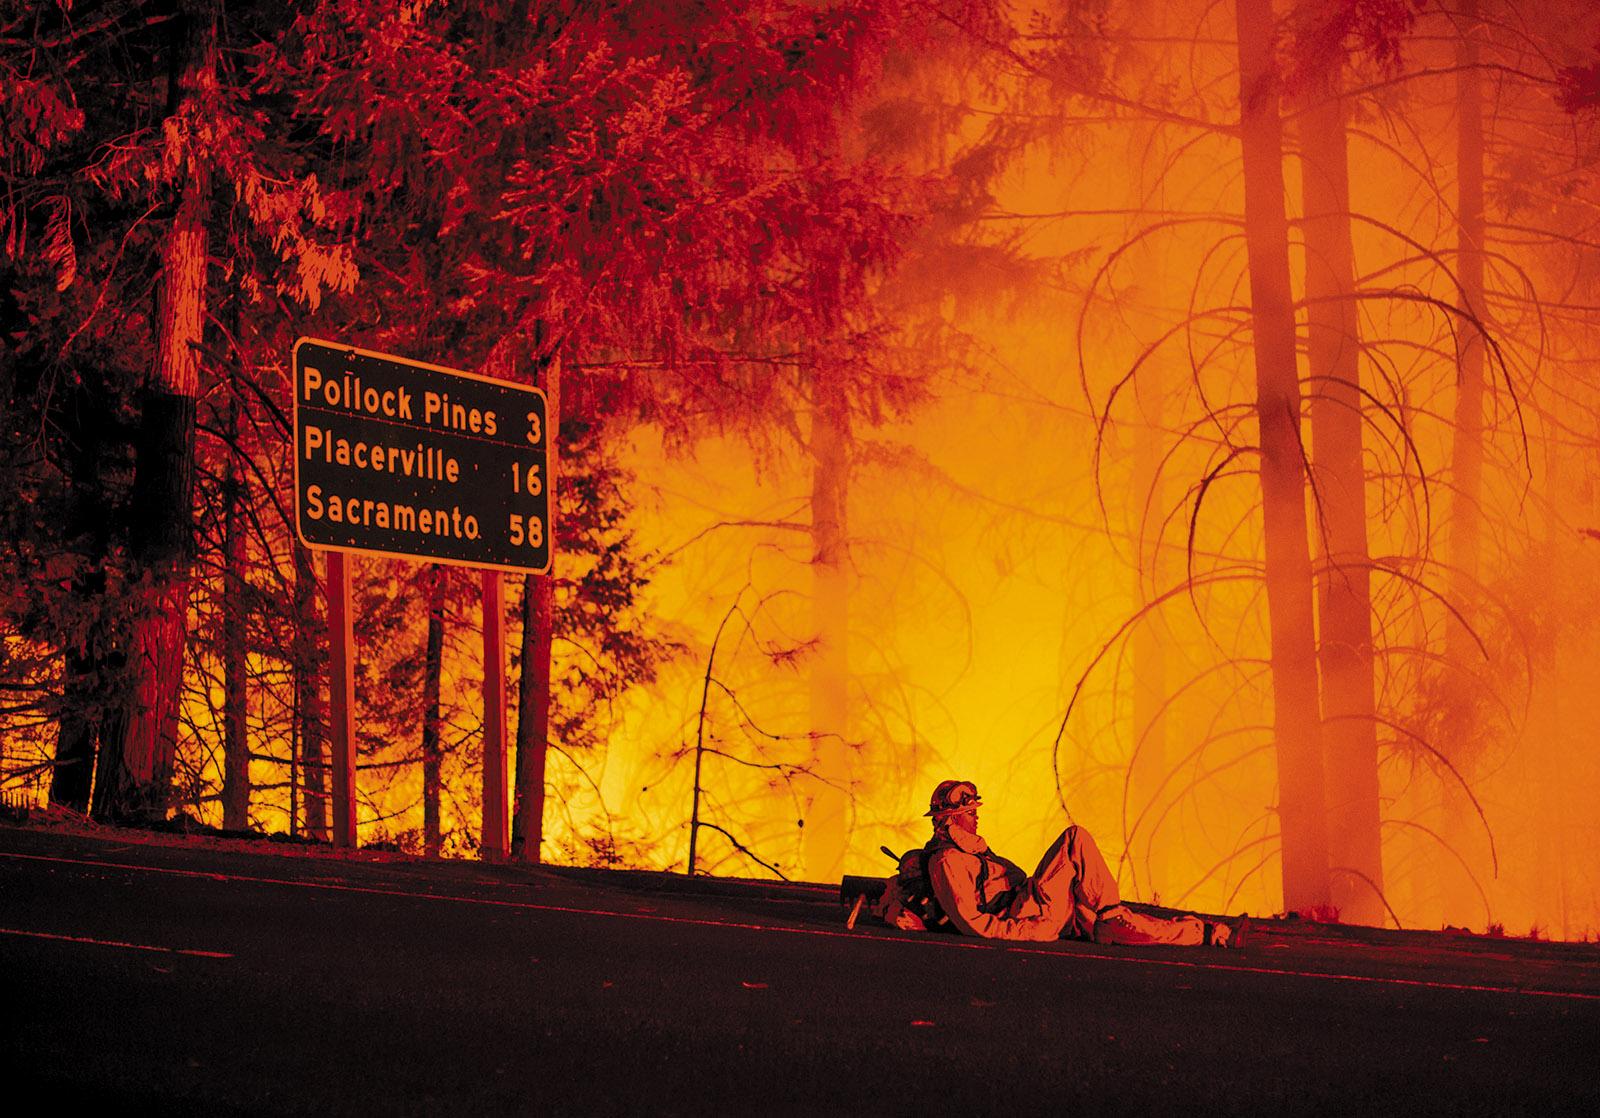 A firefighter taking a break from battling the King Fire, Fresh Pond, California, September 2014